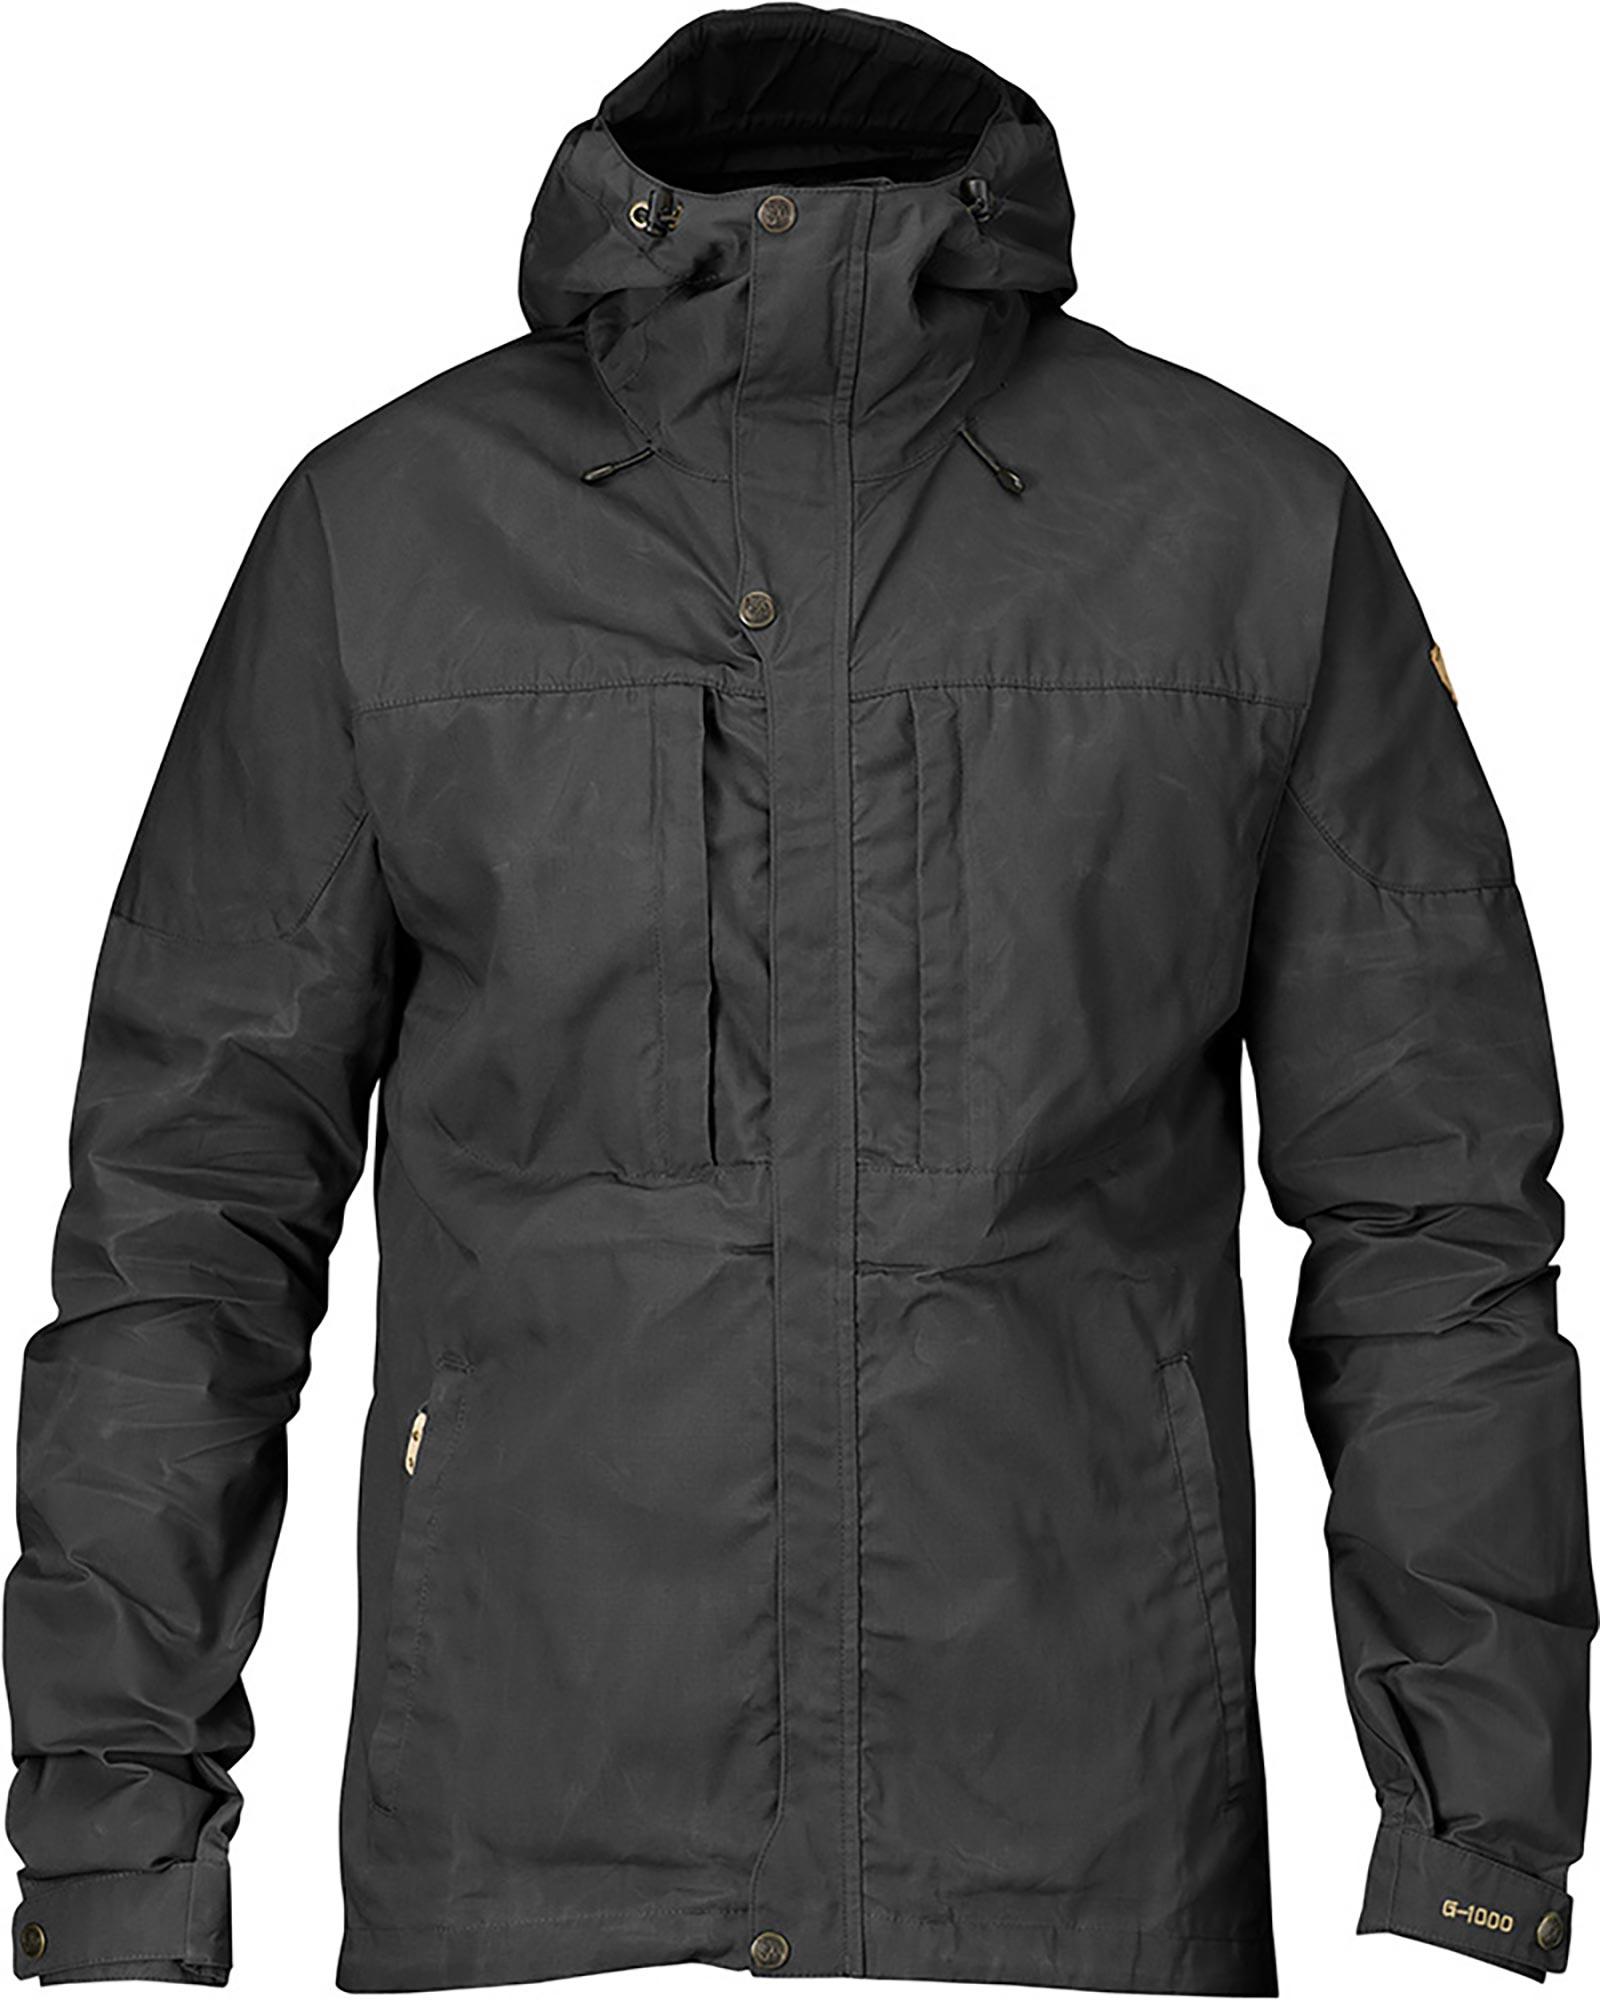 Fjallraven Men's Skogso G-1000 Jacket 0